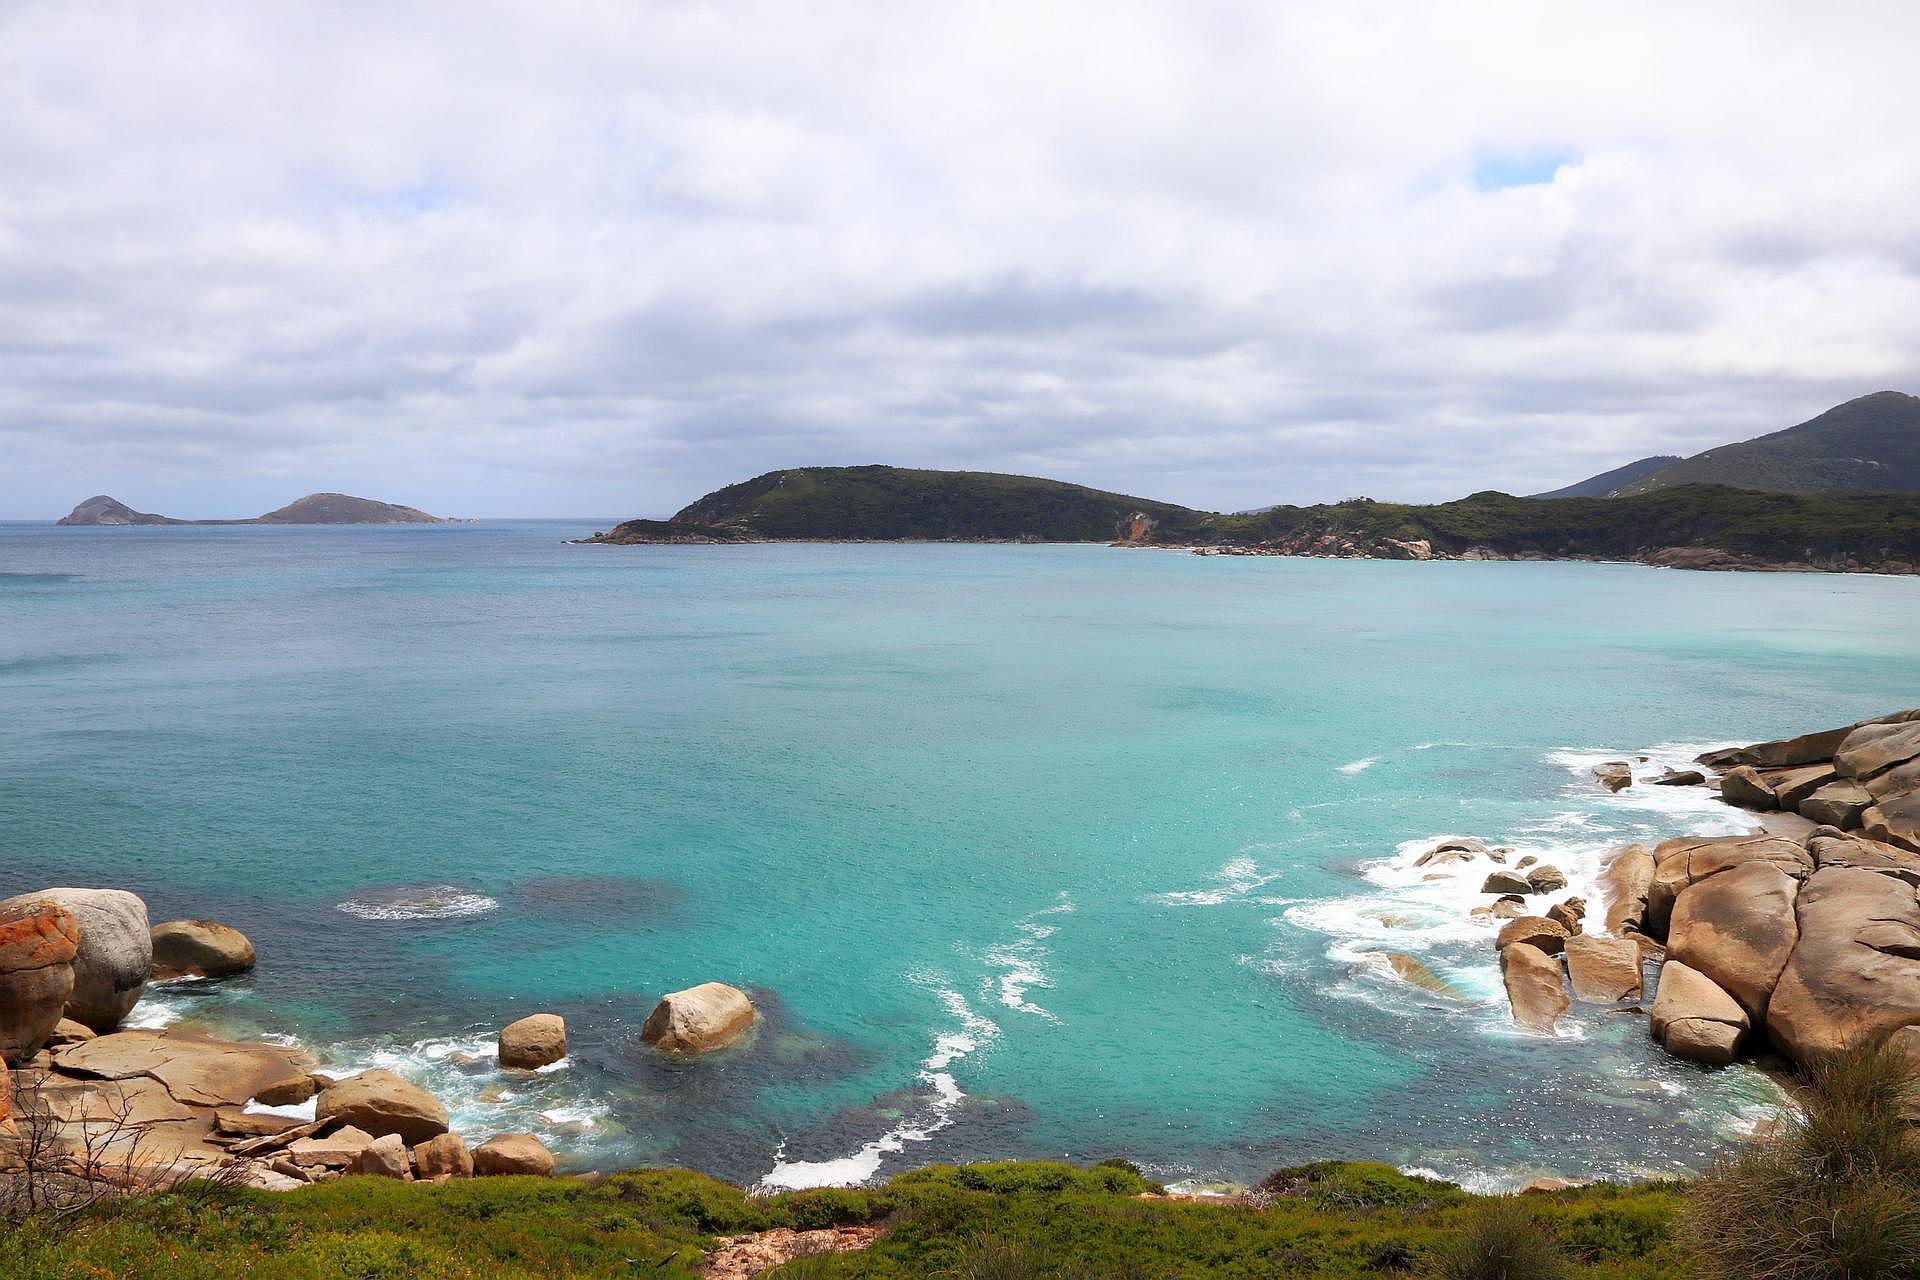 Australia Południowo-Wschodnia, PROM